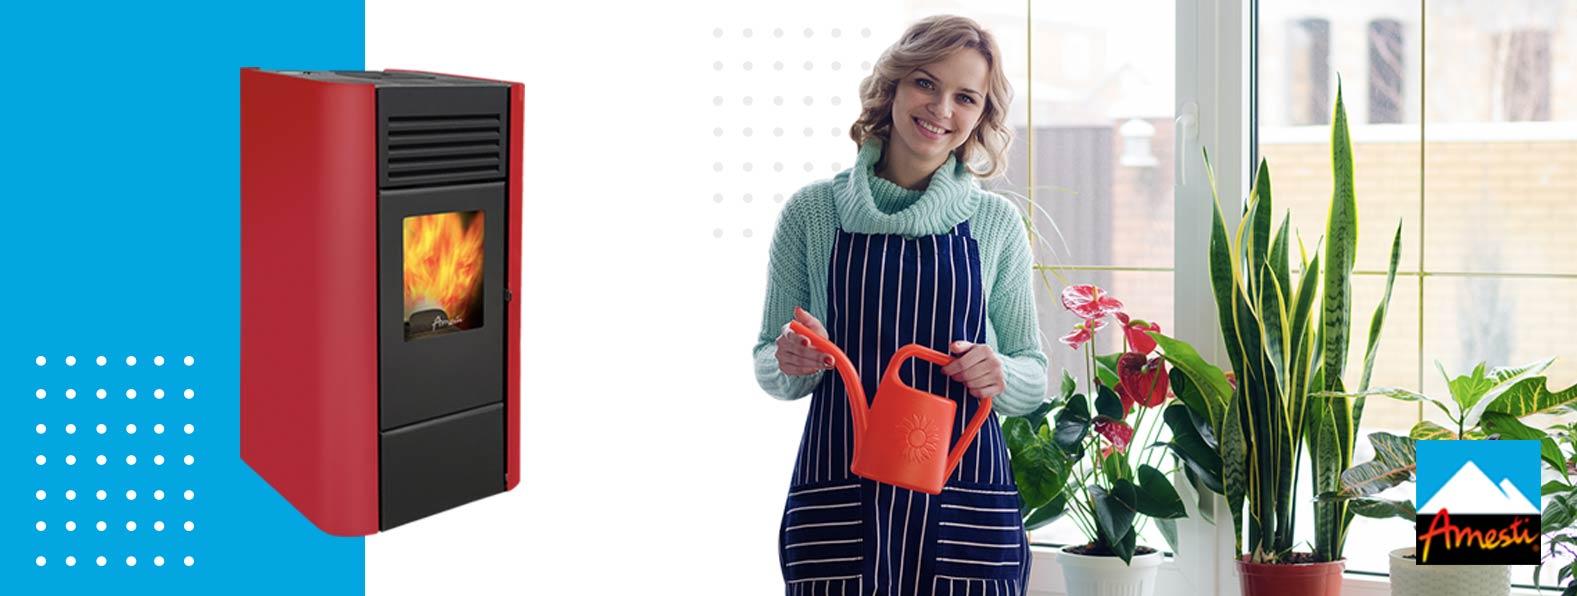 Utiliza las cenizas de pellet como abono - Amesti.cl